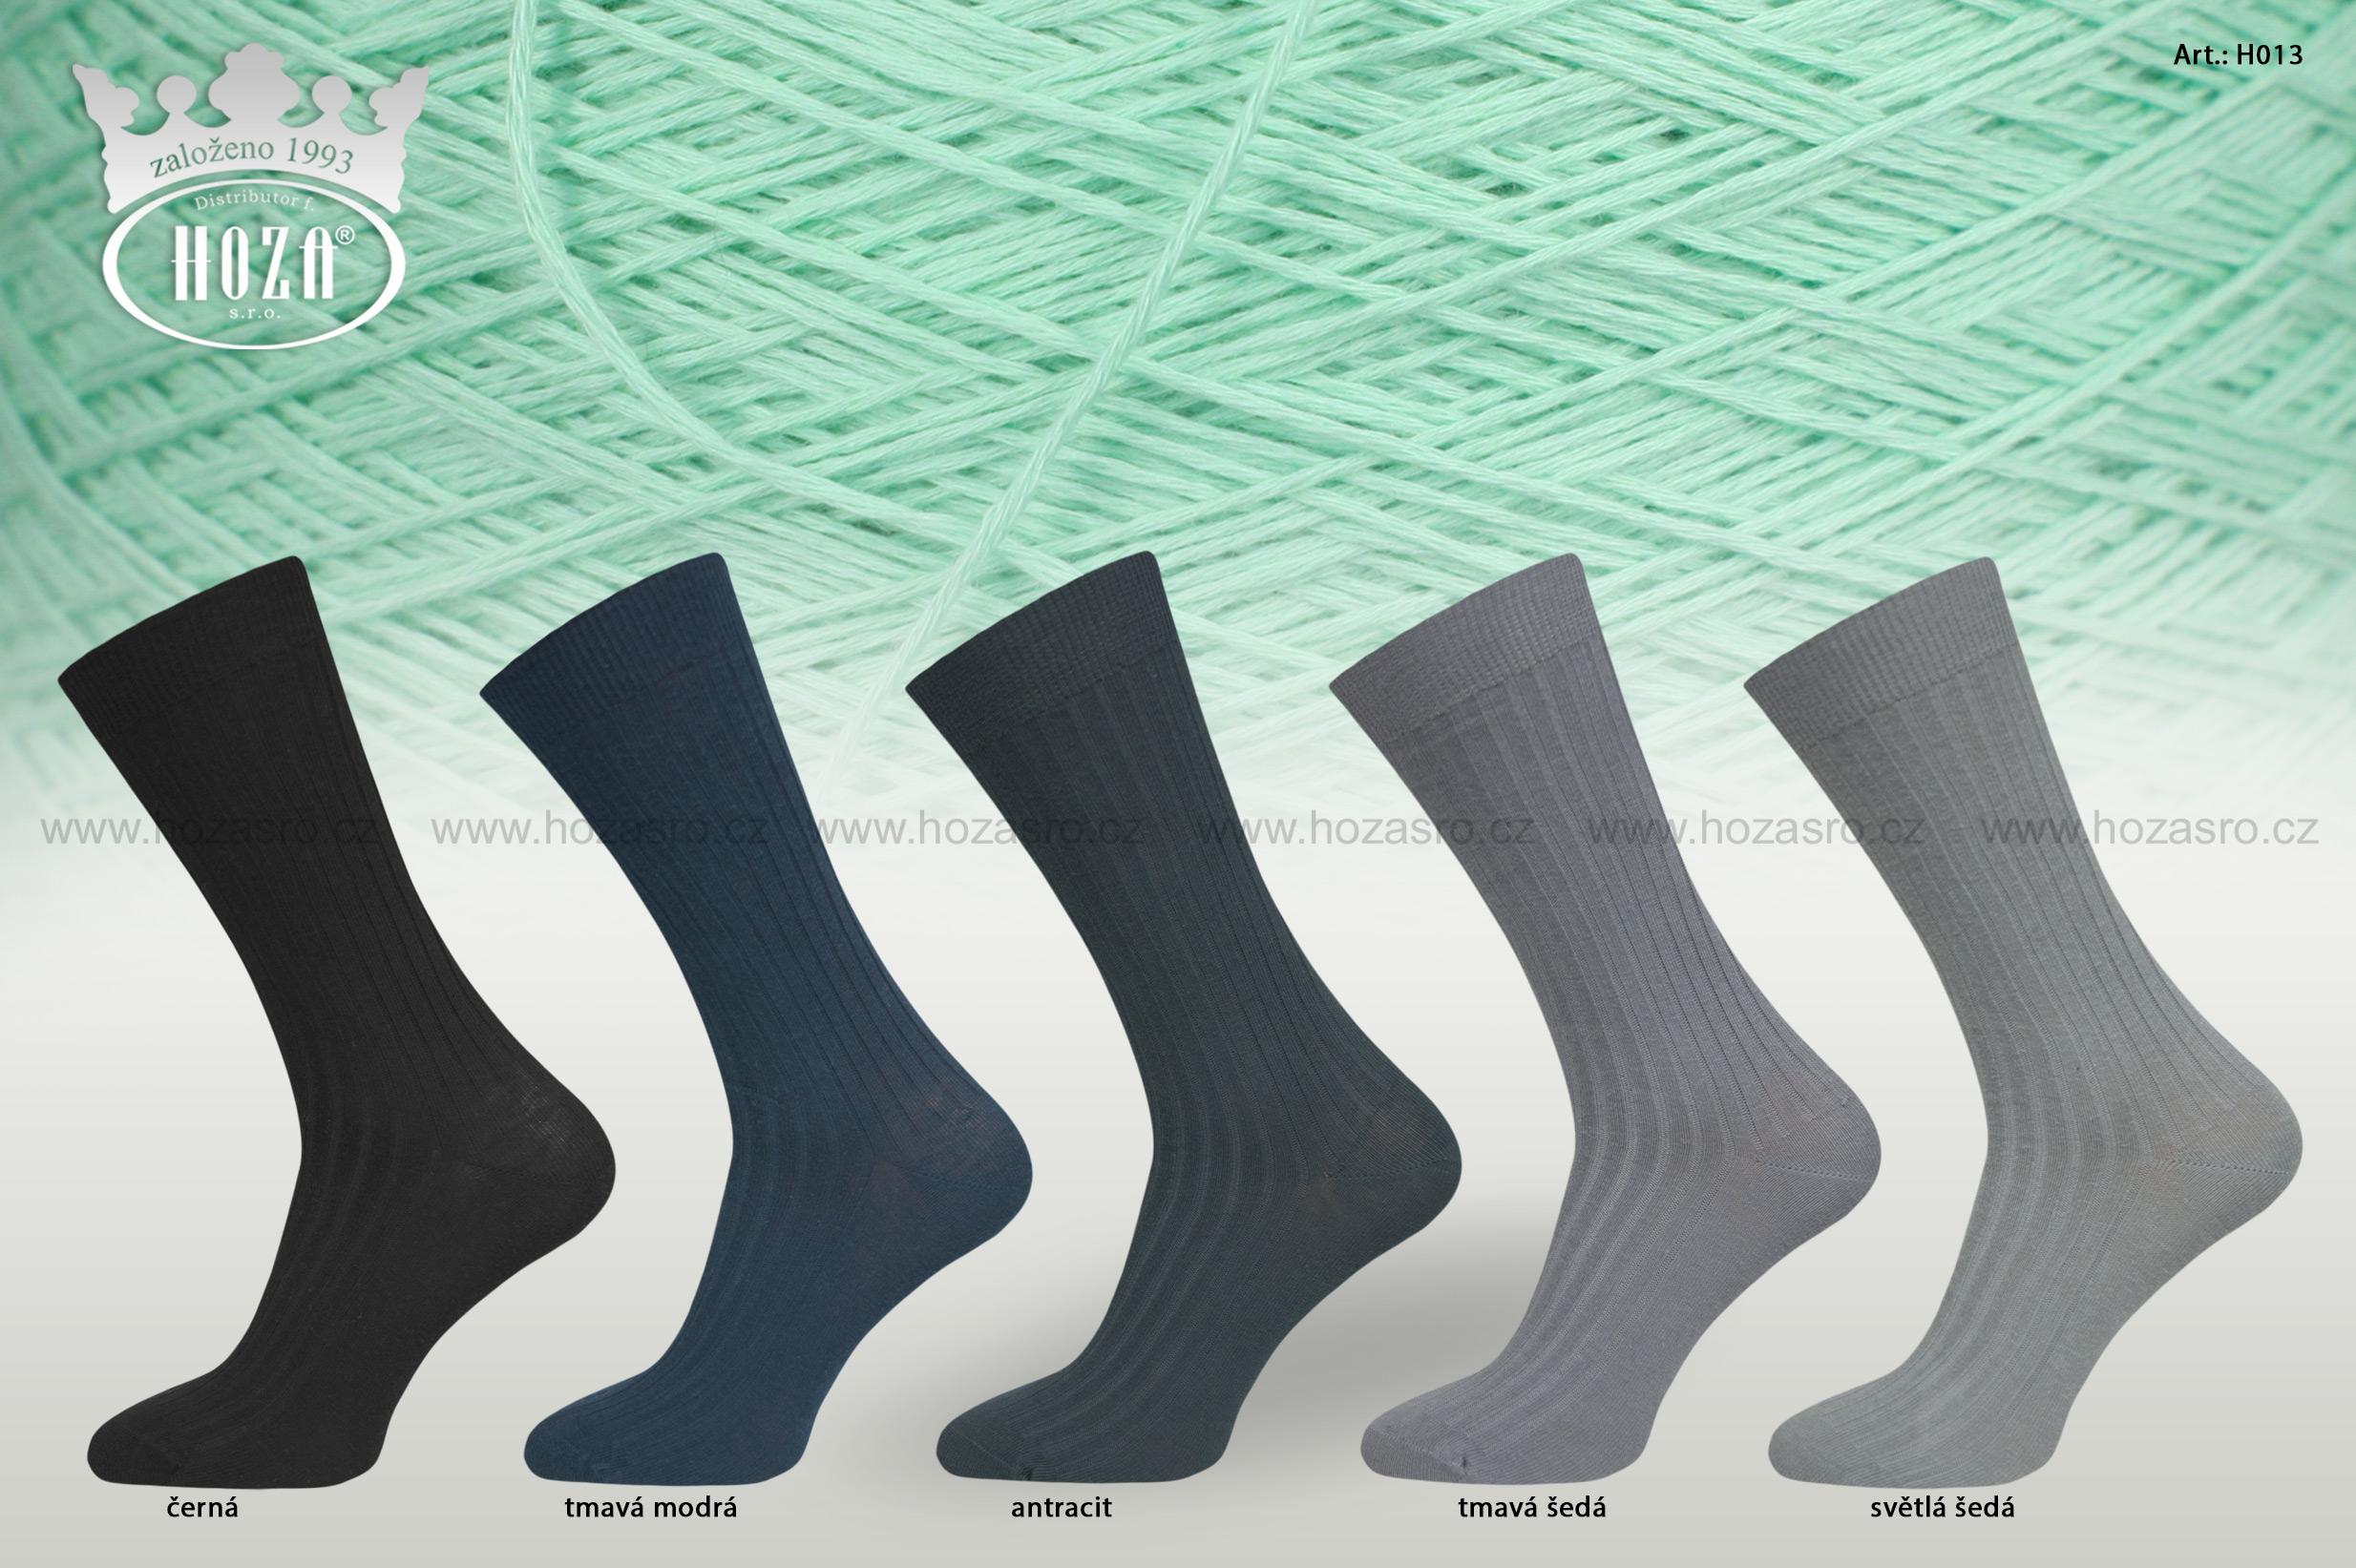 Pánské ponožky HOZA žebrované 5/2, 100% bavlna - tmavé - H013